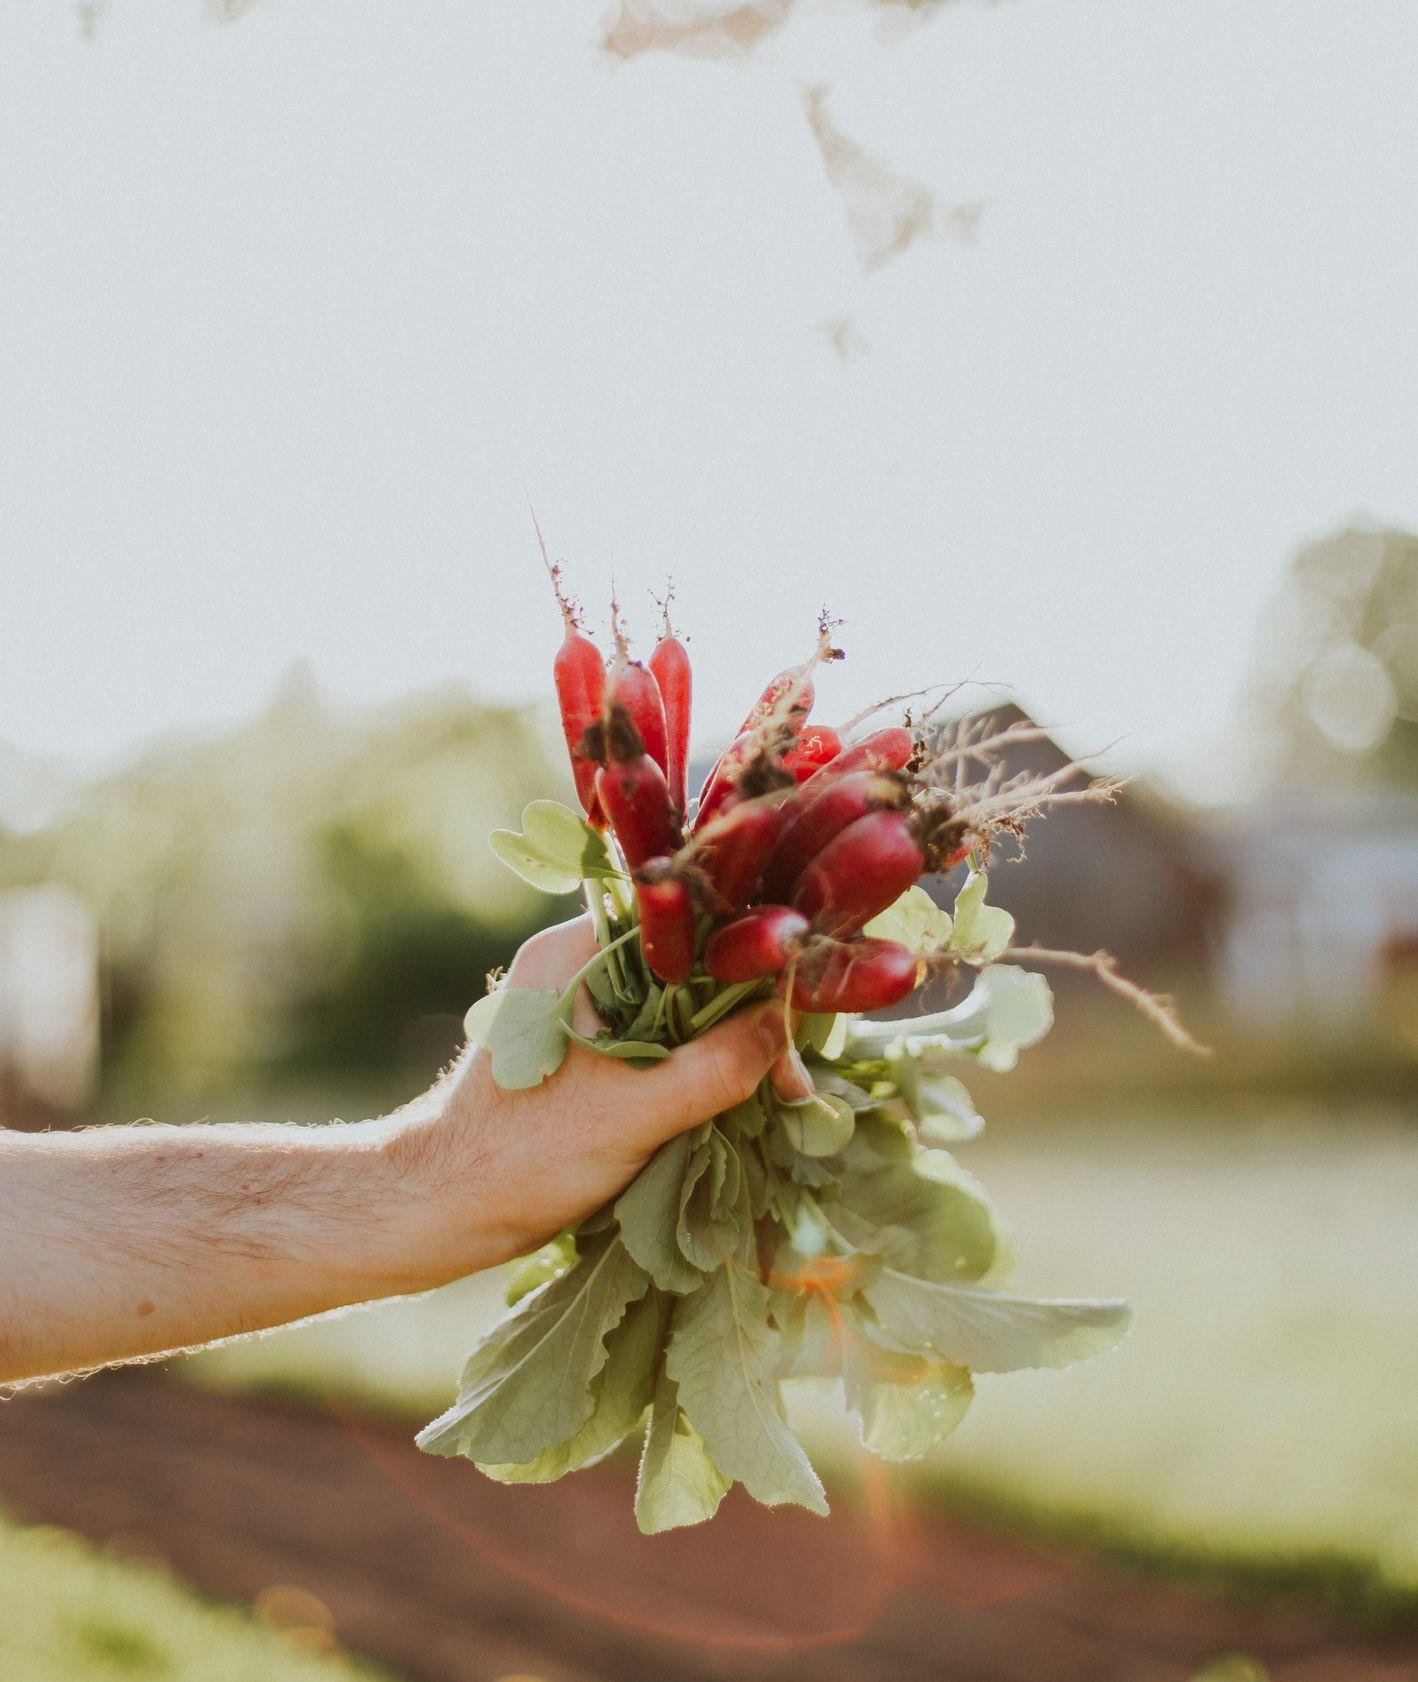 Rzodkiewki z ogródka, świeże chrupiące rzodkiewki (fot. Daiga Ellaby / unsplash.com)